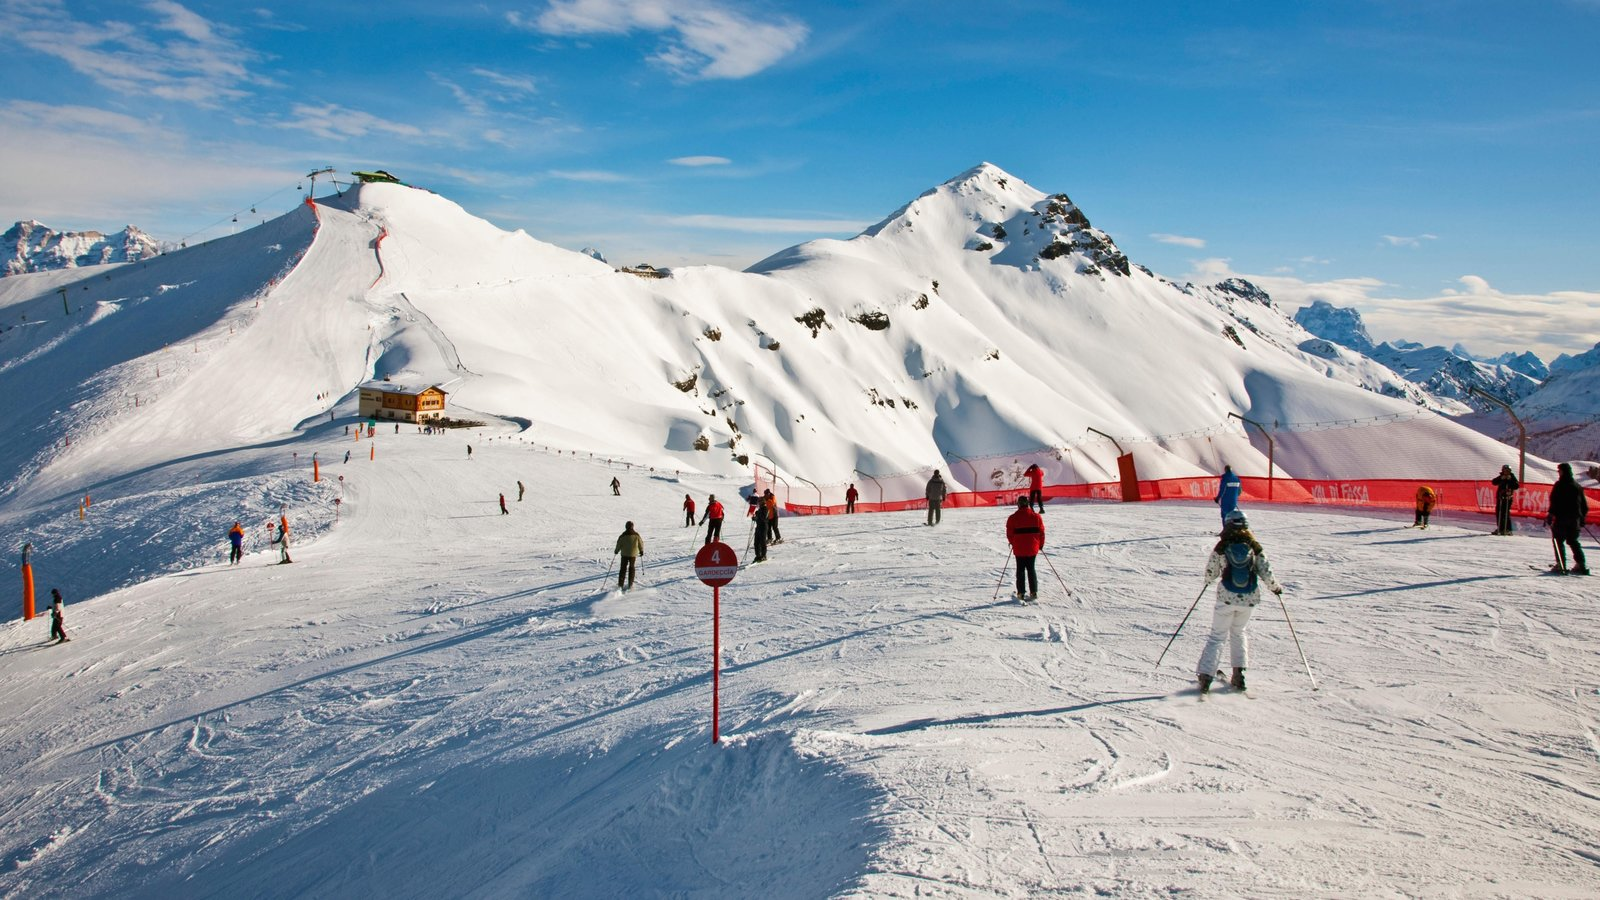 Canazei mostrando neve, esqui na neve e montanhas